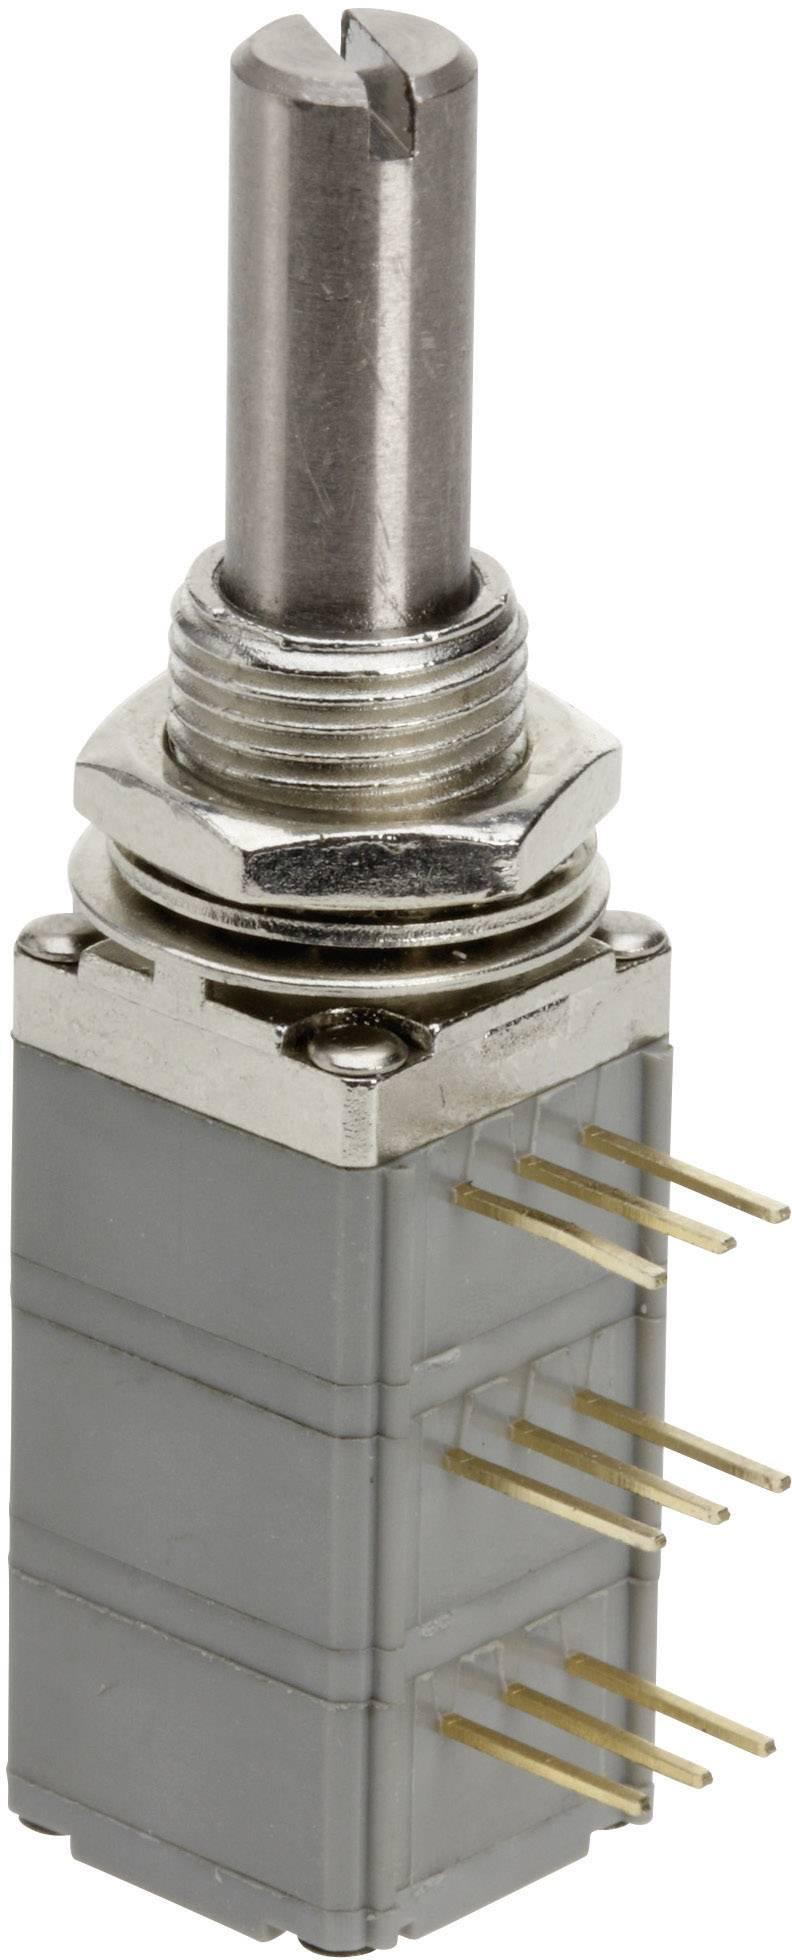 Cermetový potenciometer TT Electro, 4113911775, 1 kΩ, ± 10%